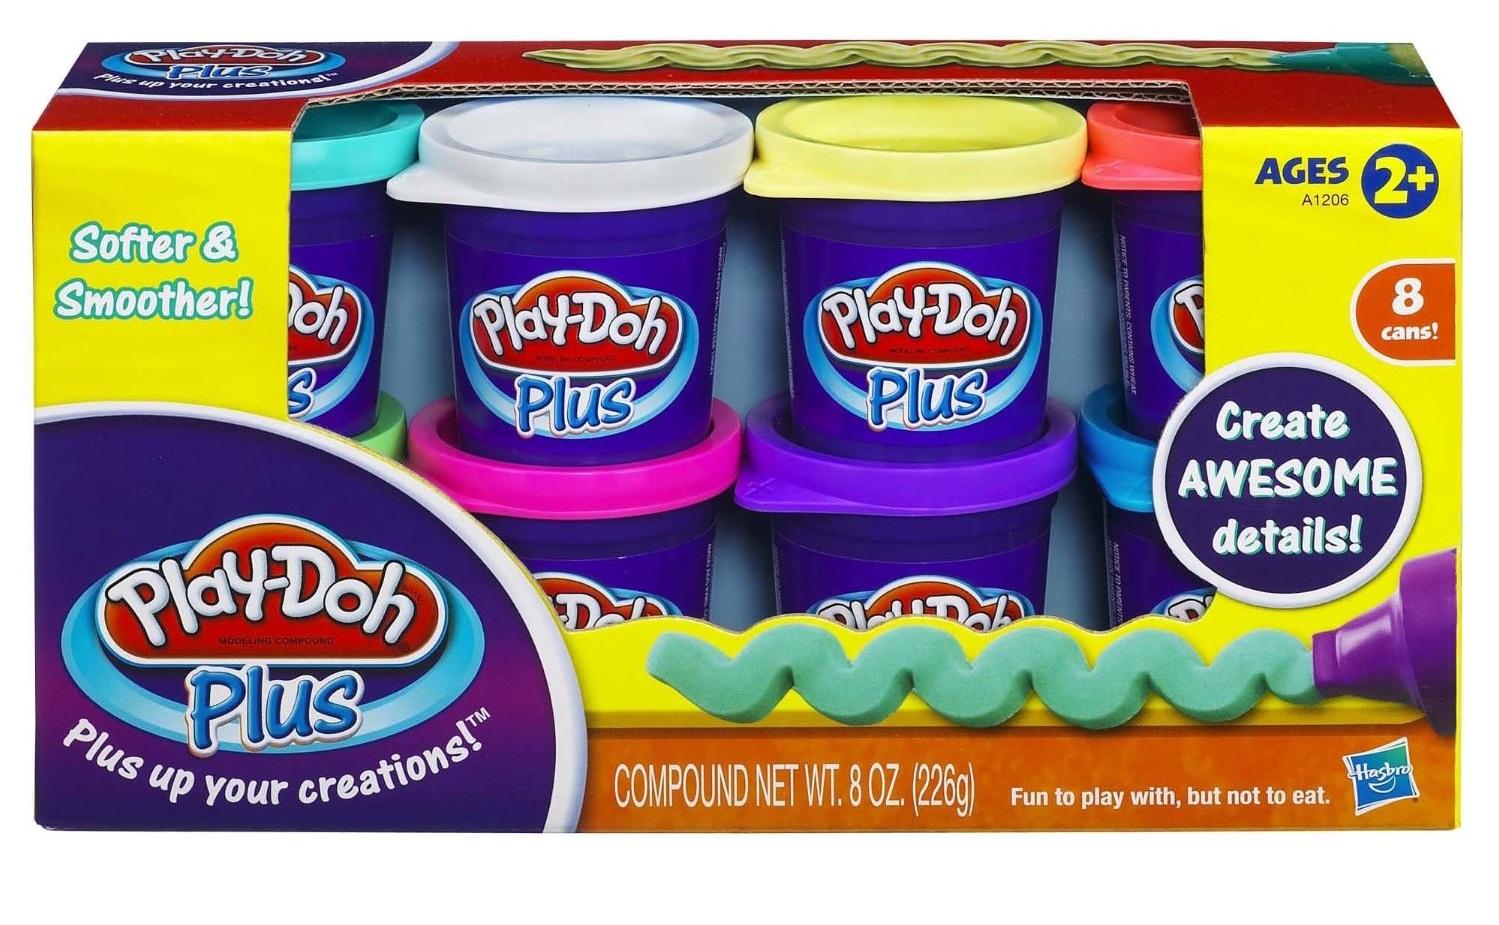 Play-Doh Пластилин: Набор из 8 банок пластилина Play-Doh PLUS (А1206) пластилин play doh a7923 8 банок a7923